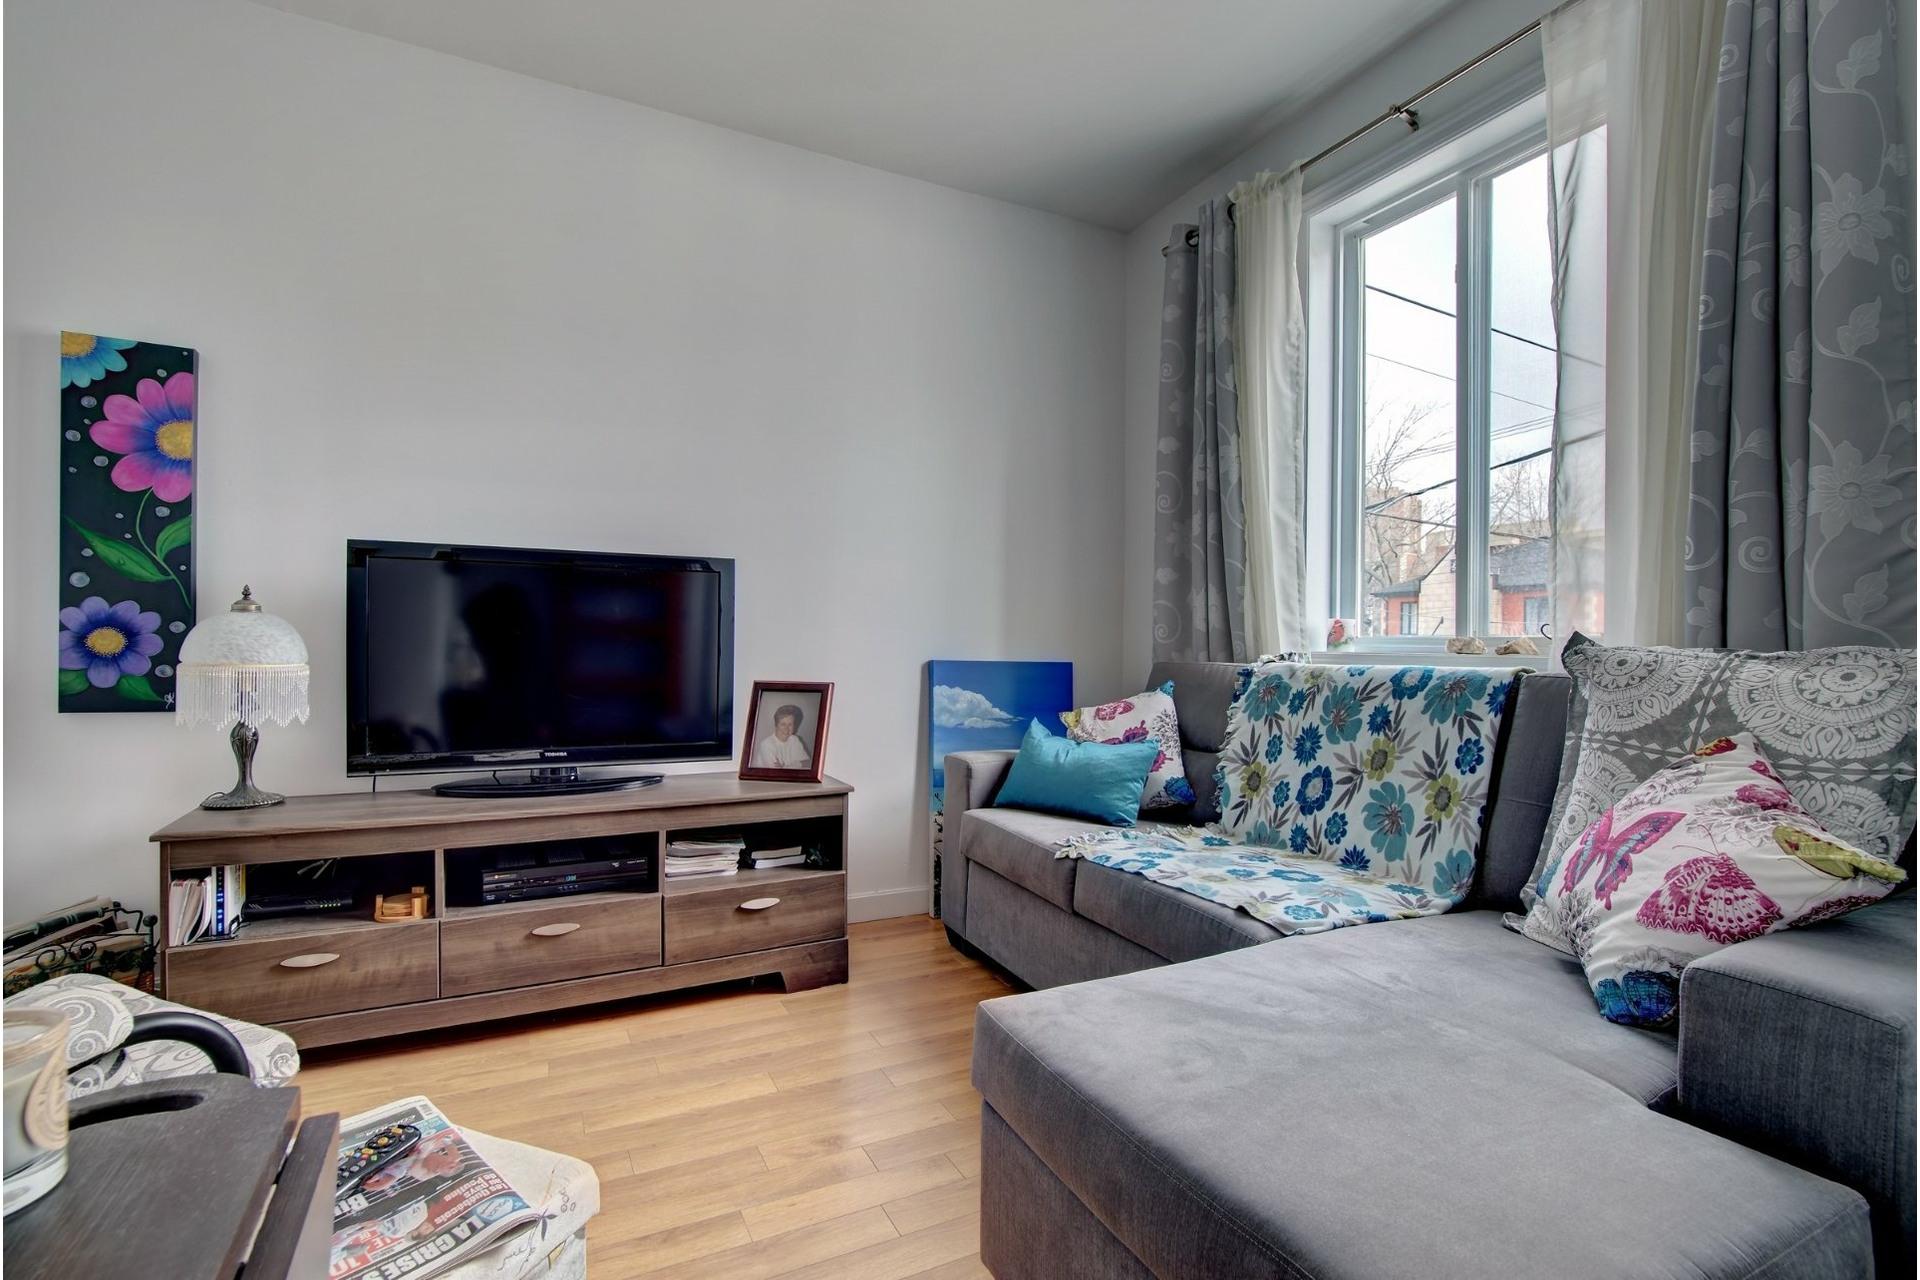 image 5 - Quadruplex For sale Rivière-des-Prairies/Pointe-aux-Trembles Montréal  - 4 rooms